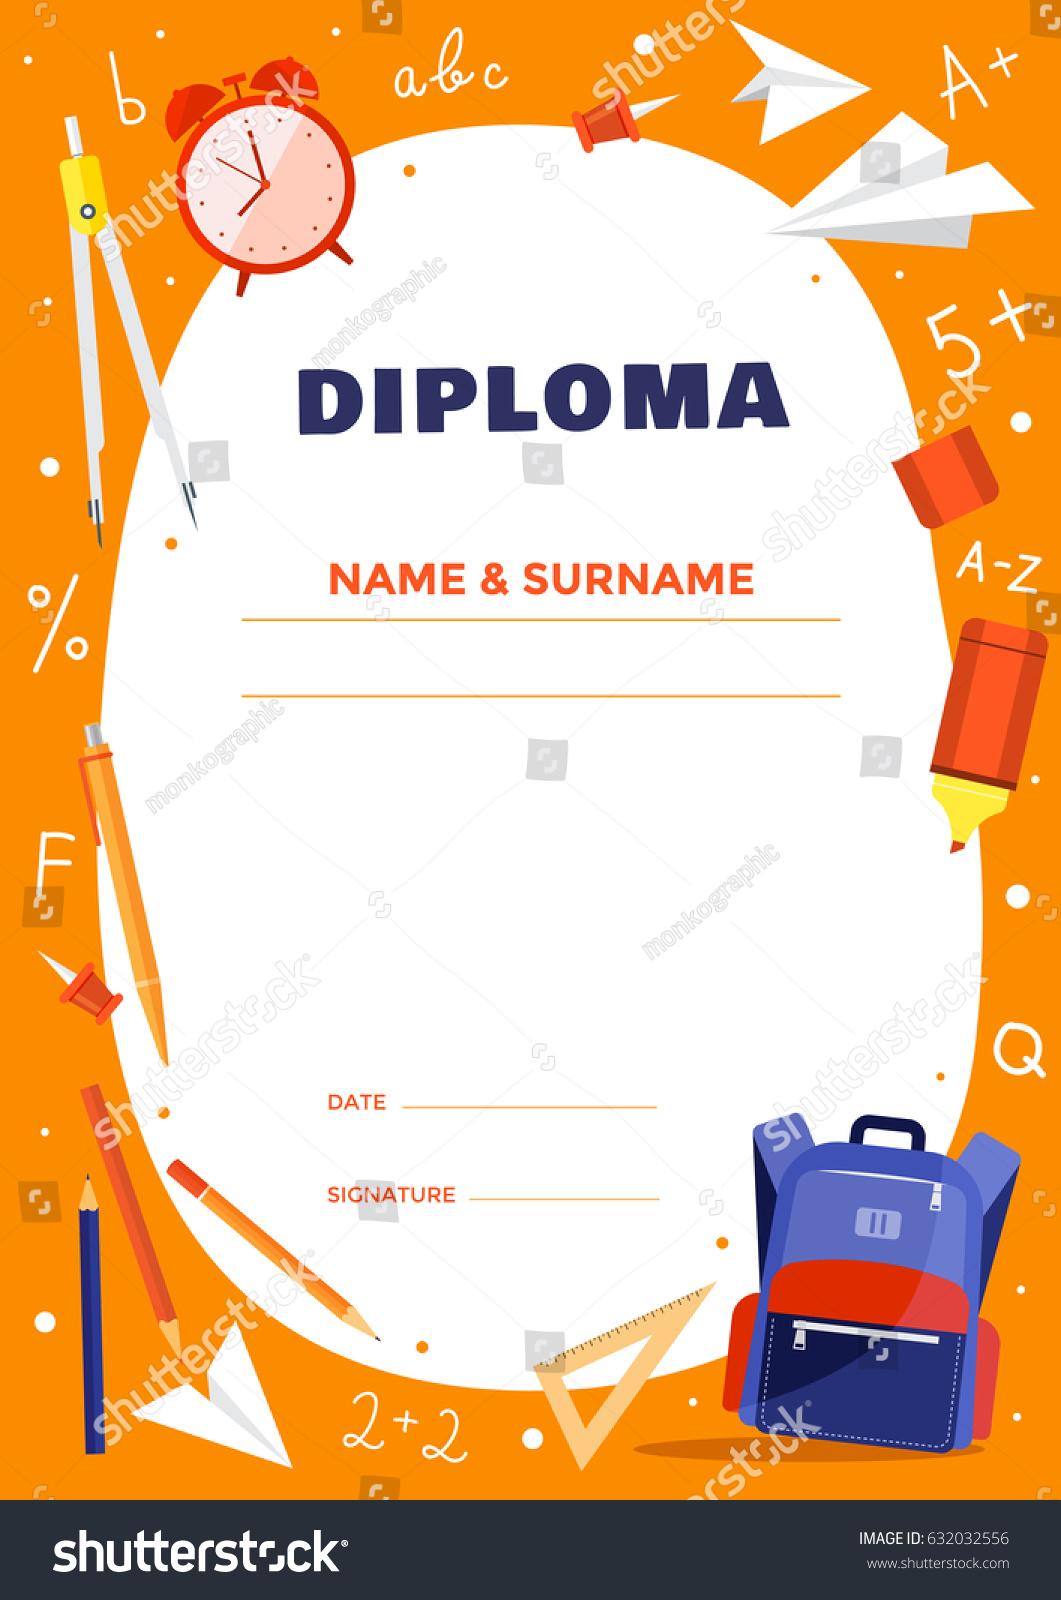 diploma template school elementary school kids stock vector  diploma template for school or elementary school kids colorful school objects backpack dividers